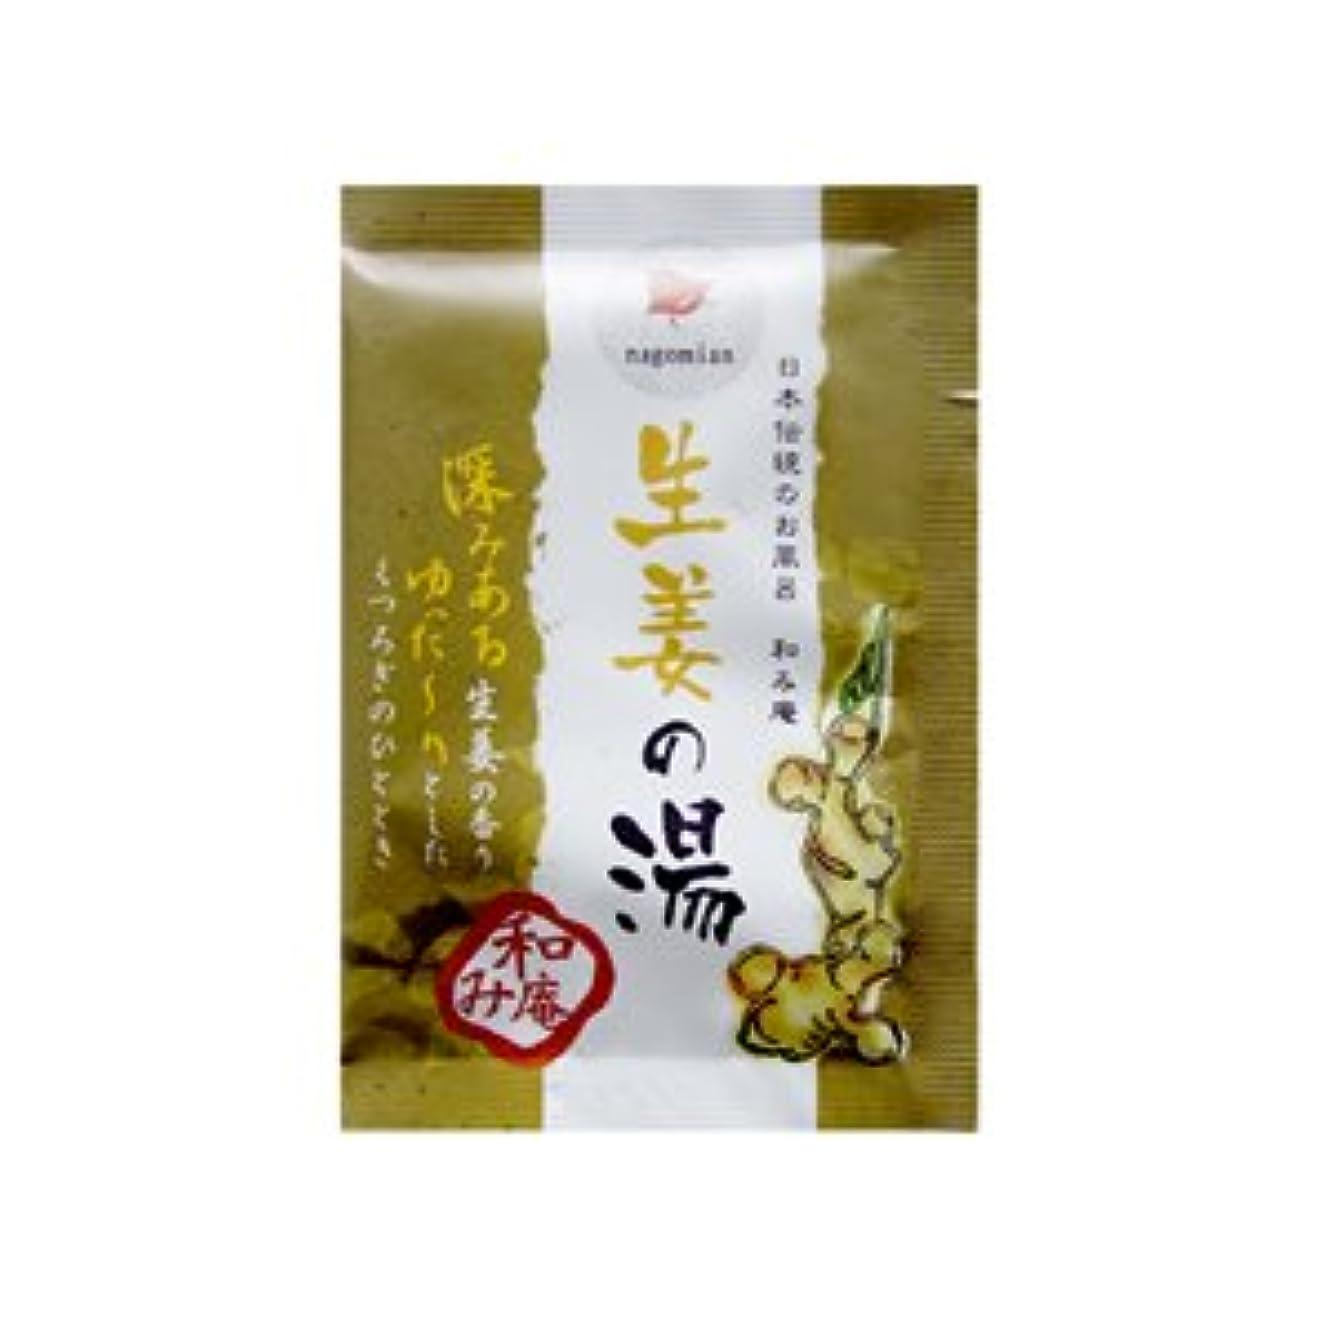 引き付ける無力行進日本伝統のお風呂 和み庵 生姜の湯 25g 10個セット